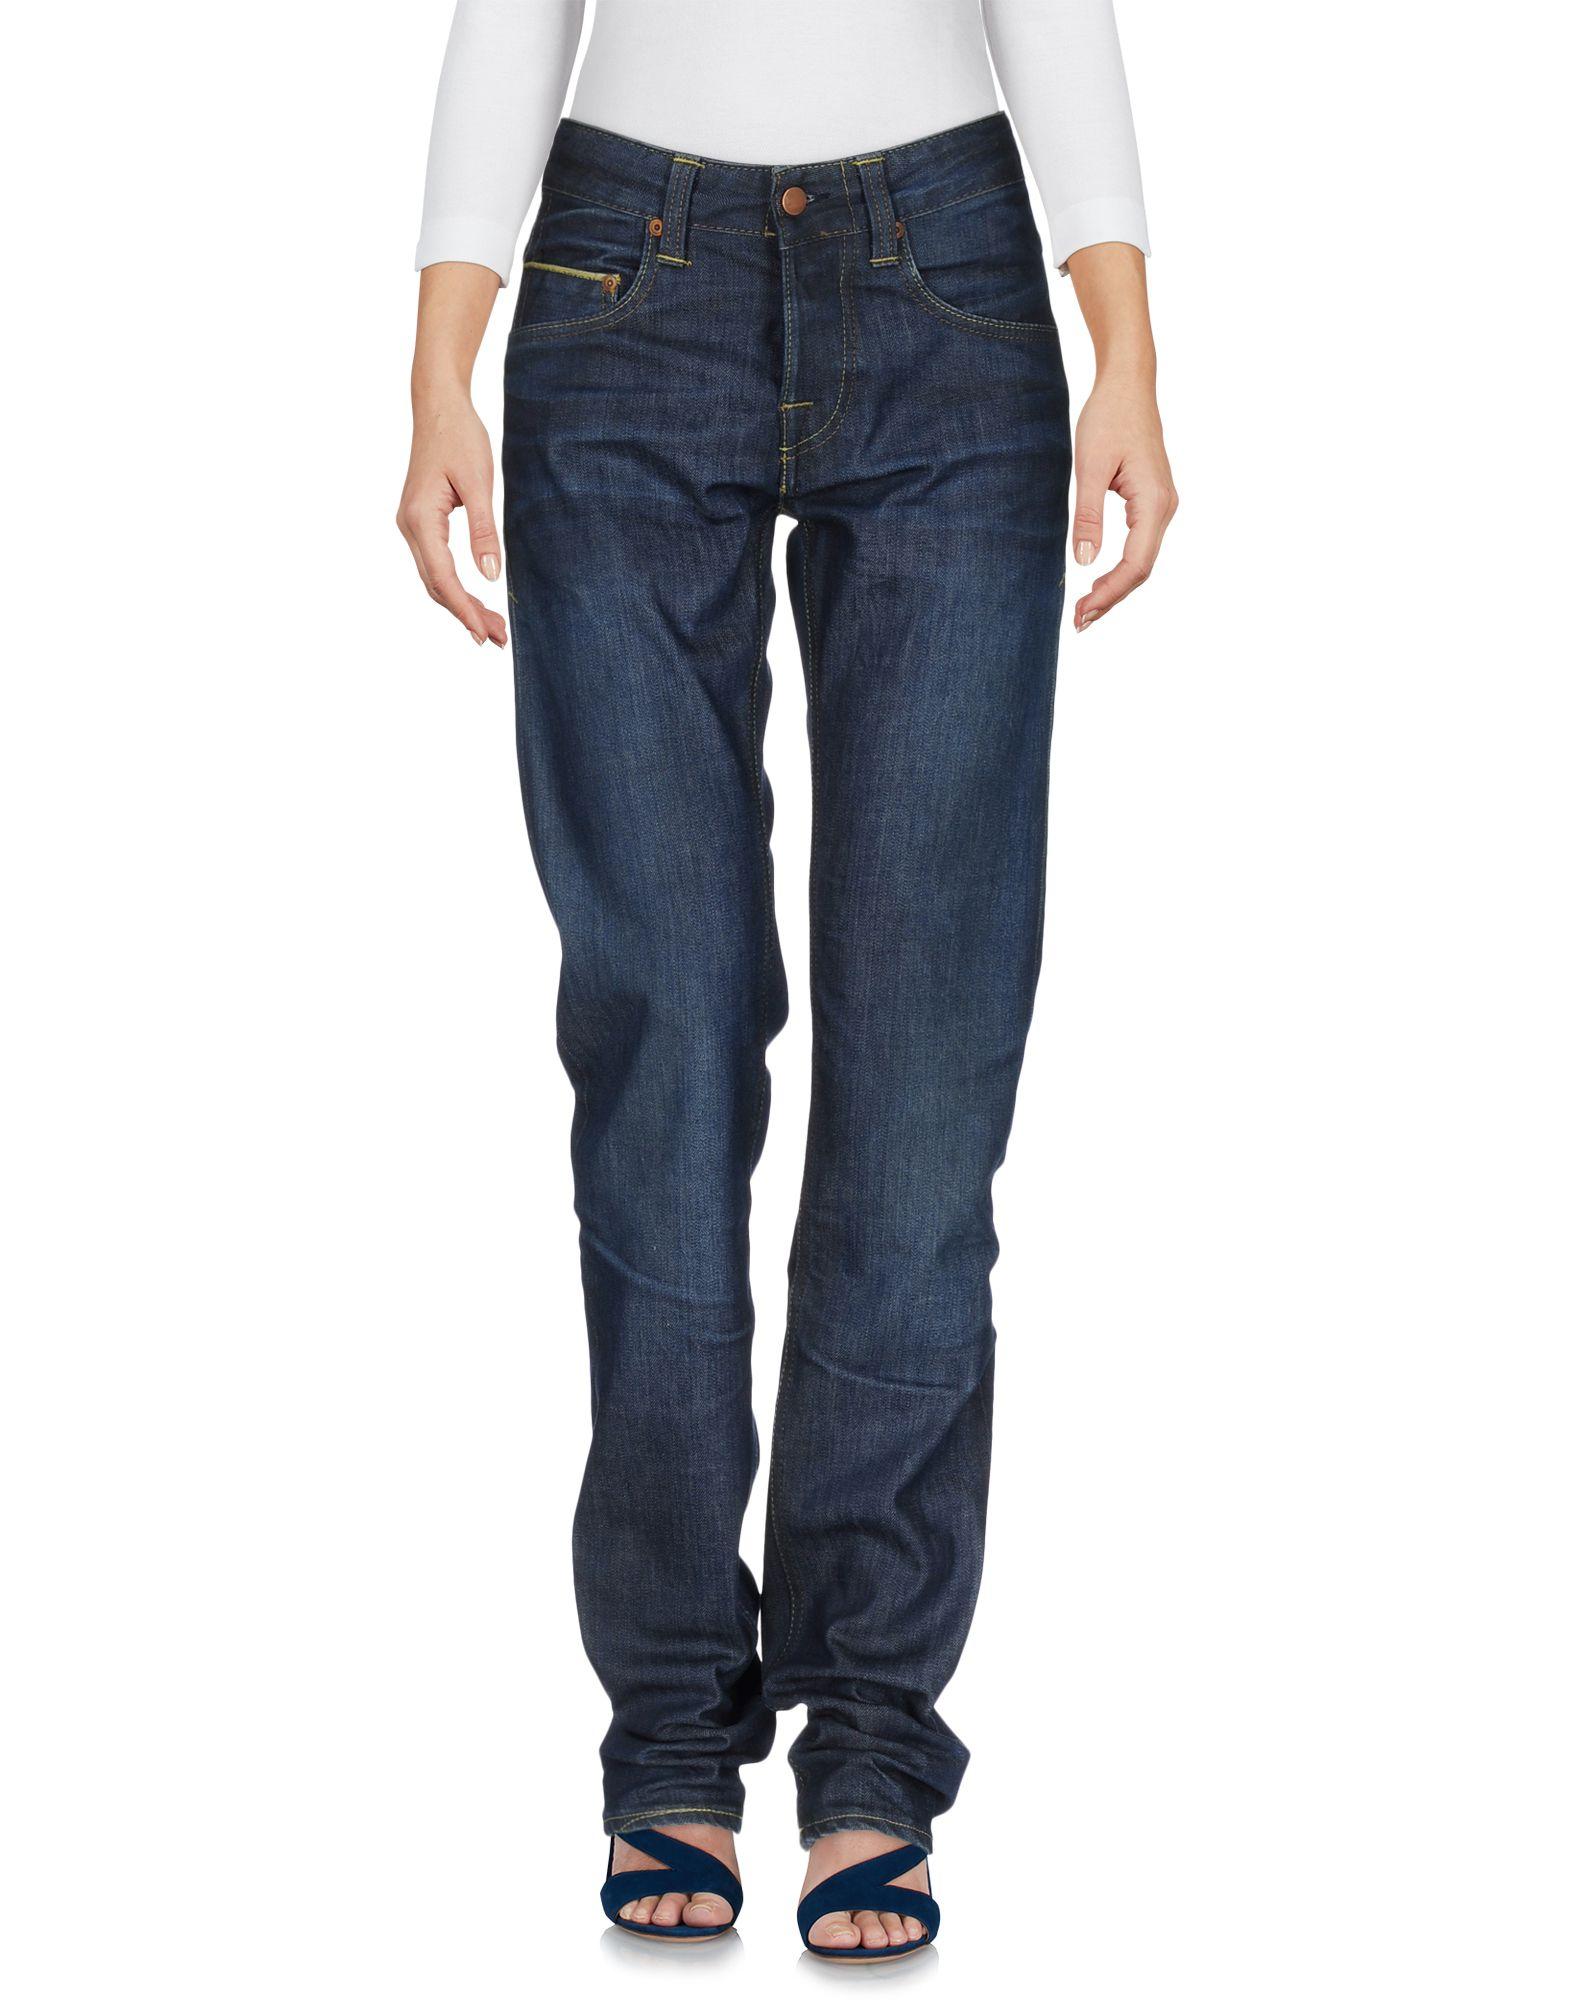 CARE LABEL Джинсовые брюки dismero джинсовые брюки